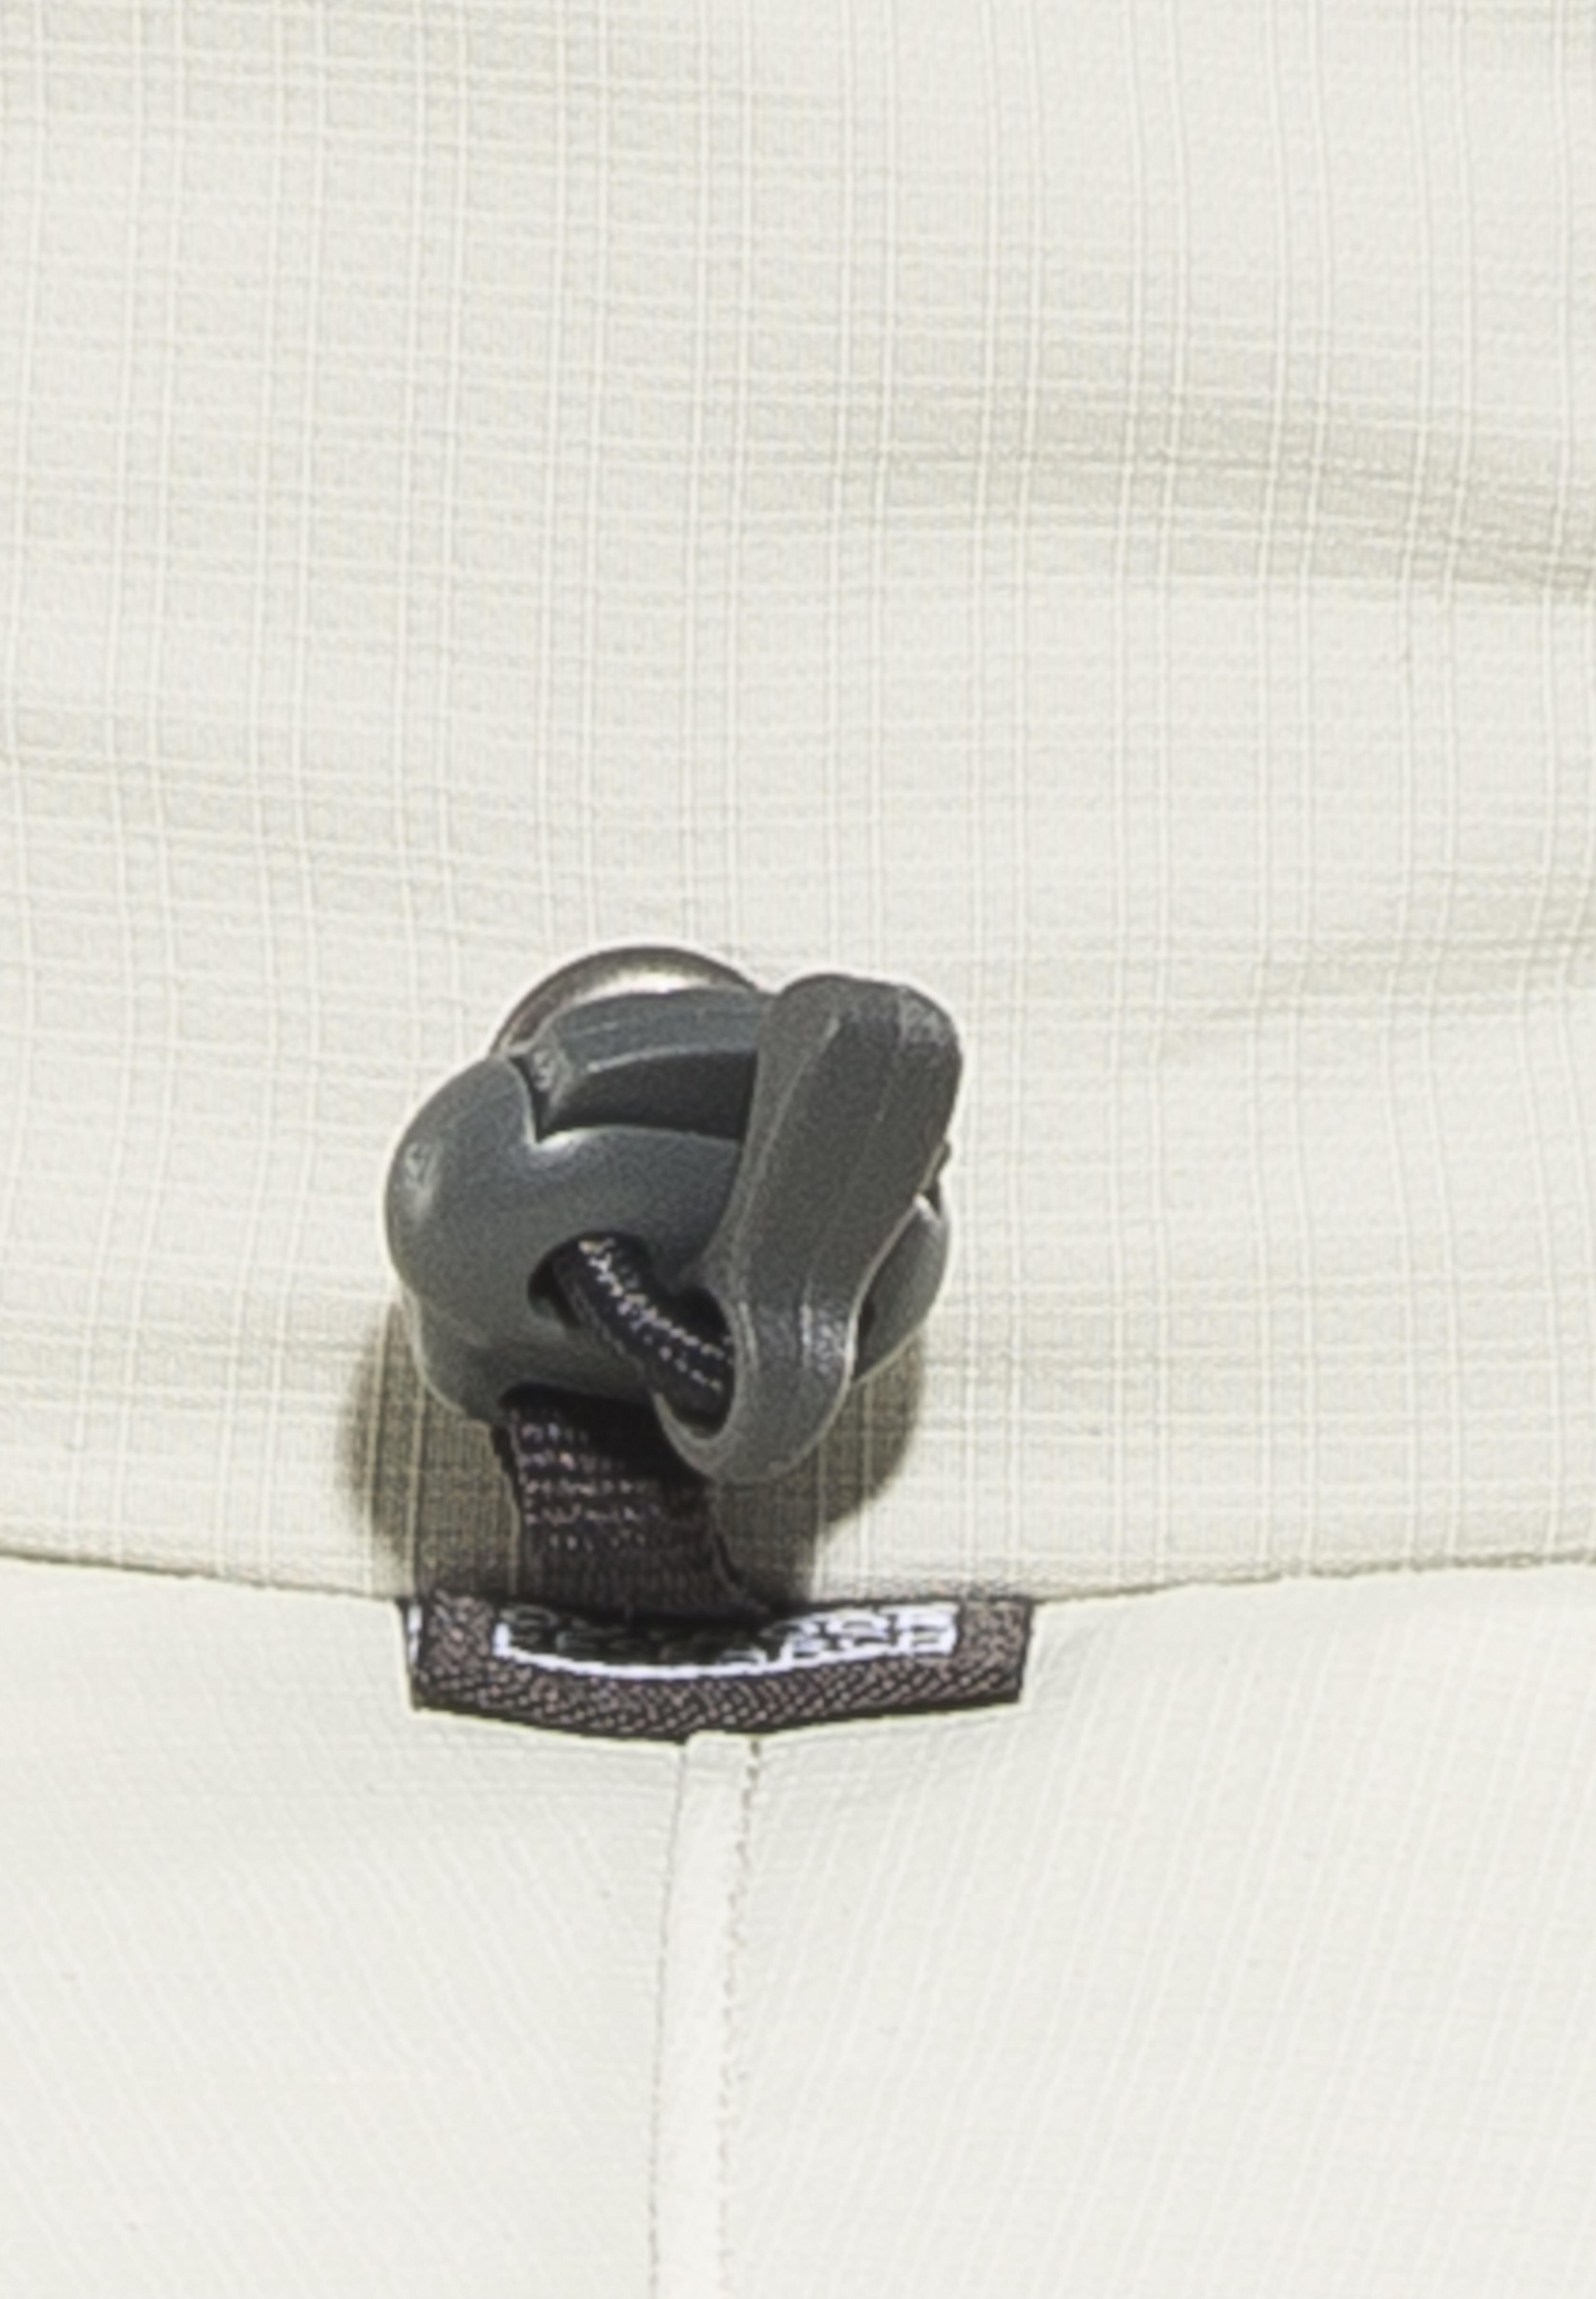 6f6d75136649e Outdoor Research Sombriolet Nakrycie głowy beżowy/biały   Sklep ...